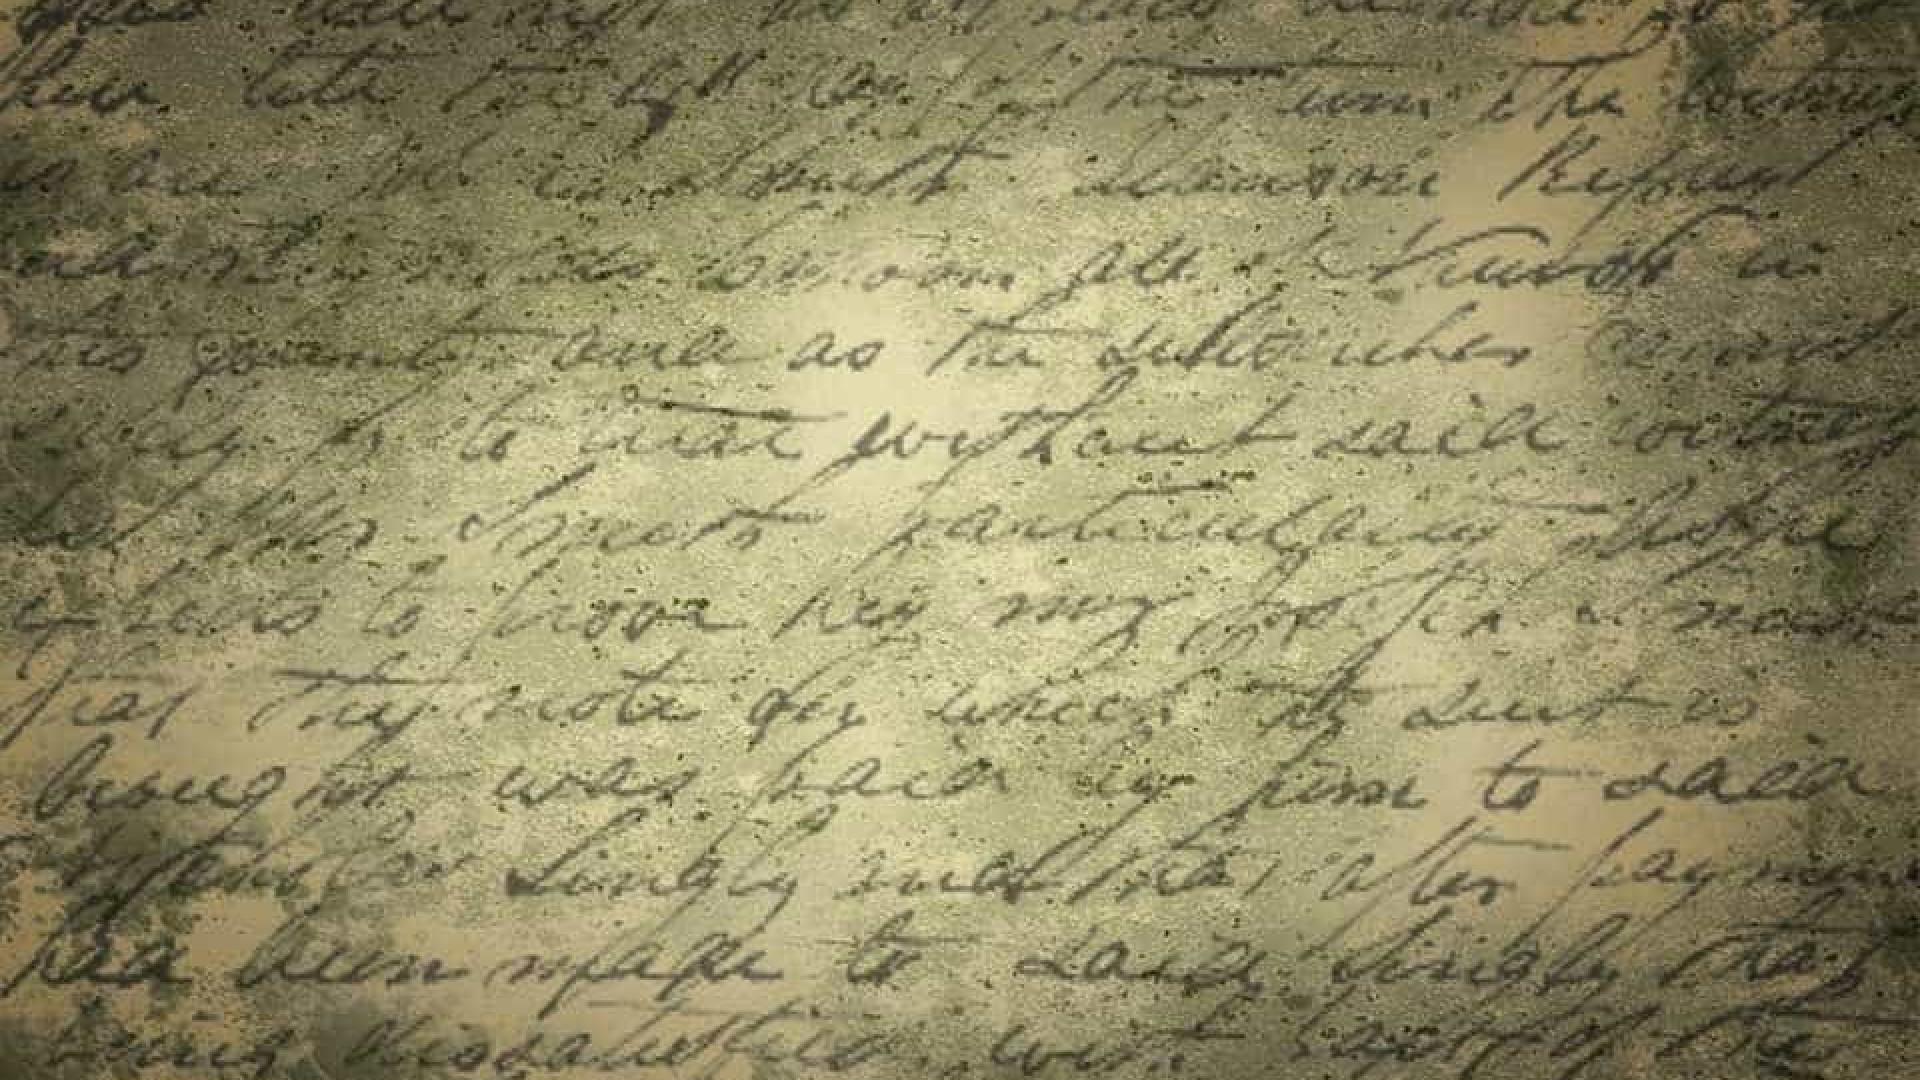 Carta de Cristóvão Colombo furtada de biblioteca é devolvida